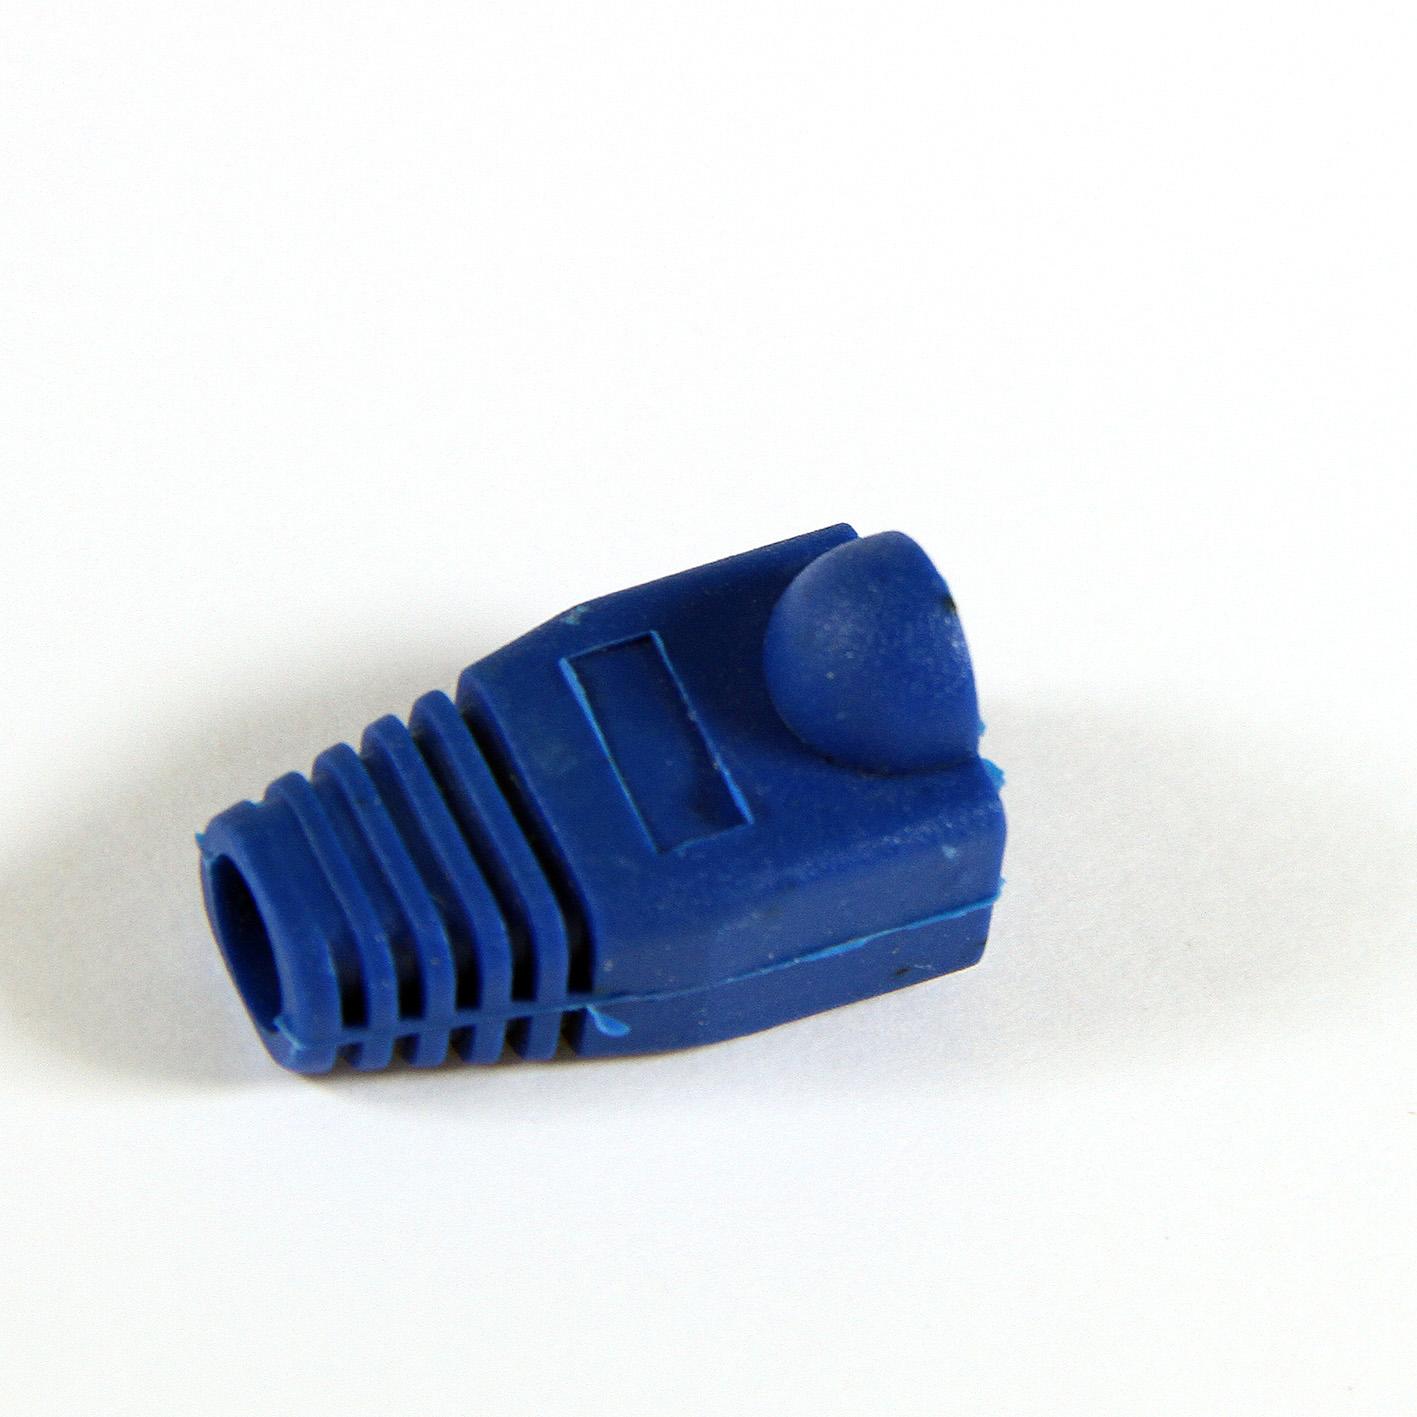 Колпачок пластиковый VCOM VNA2204-B для вилки RJ-45, синий 100шт b screen b156xw02 v 2 v 0 v 3 v 6 fit b156xtn02 claa156wb11a n156b6 l04 n156b6 l0b bt156gw01 n156bge l21 lp156wh4 tla1 tlc1 b1